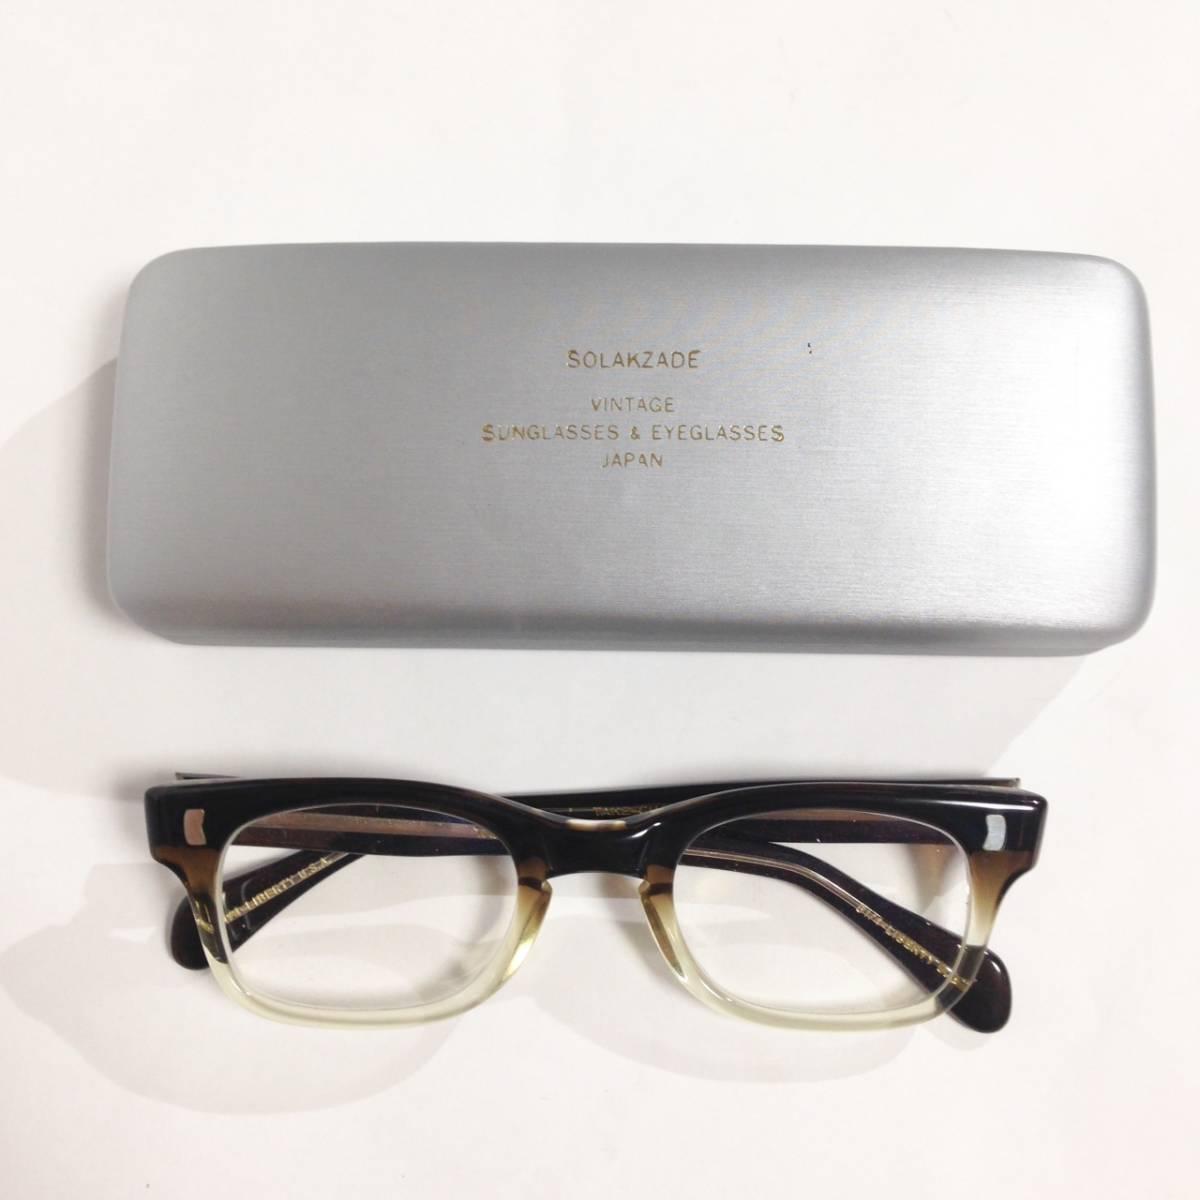 LIBERTY Optical ヴィンテージフレーム 眼鏡 中古品/リバティー オプティカル メガネ めがね ウエリントン フルリム グラデーション